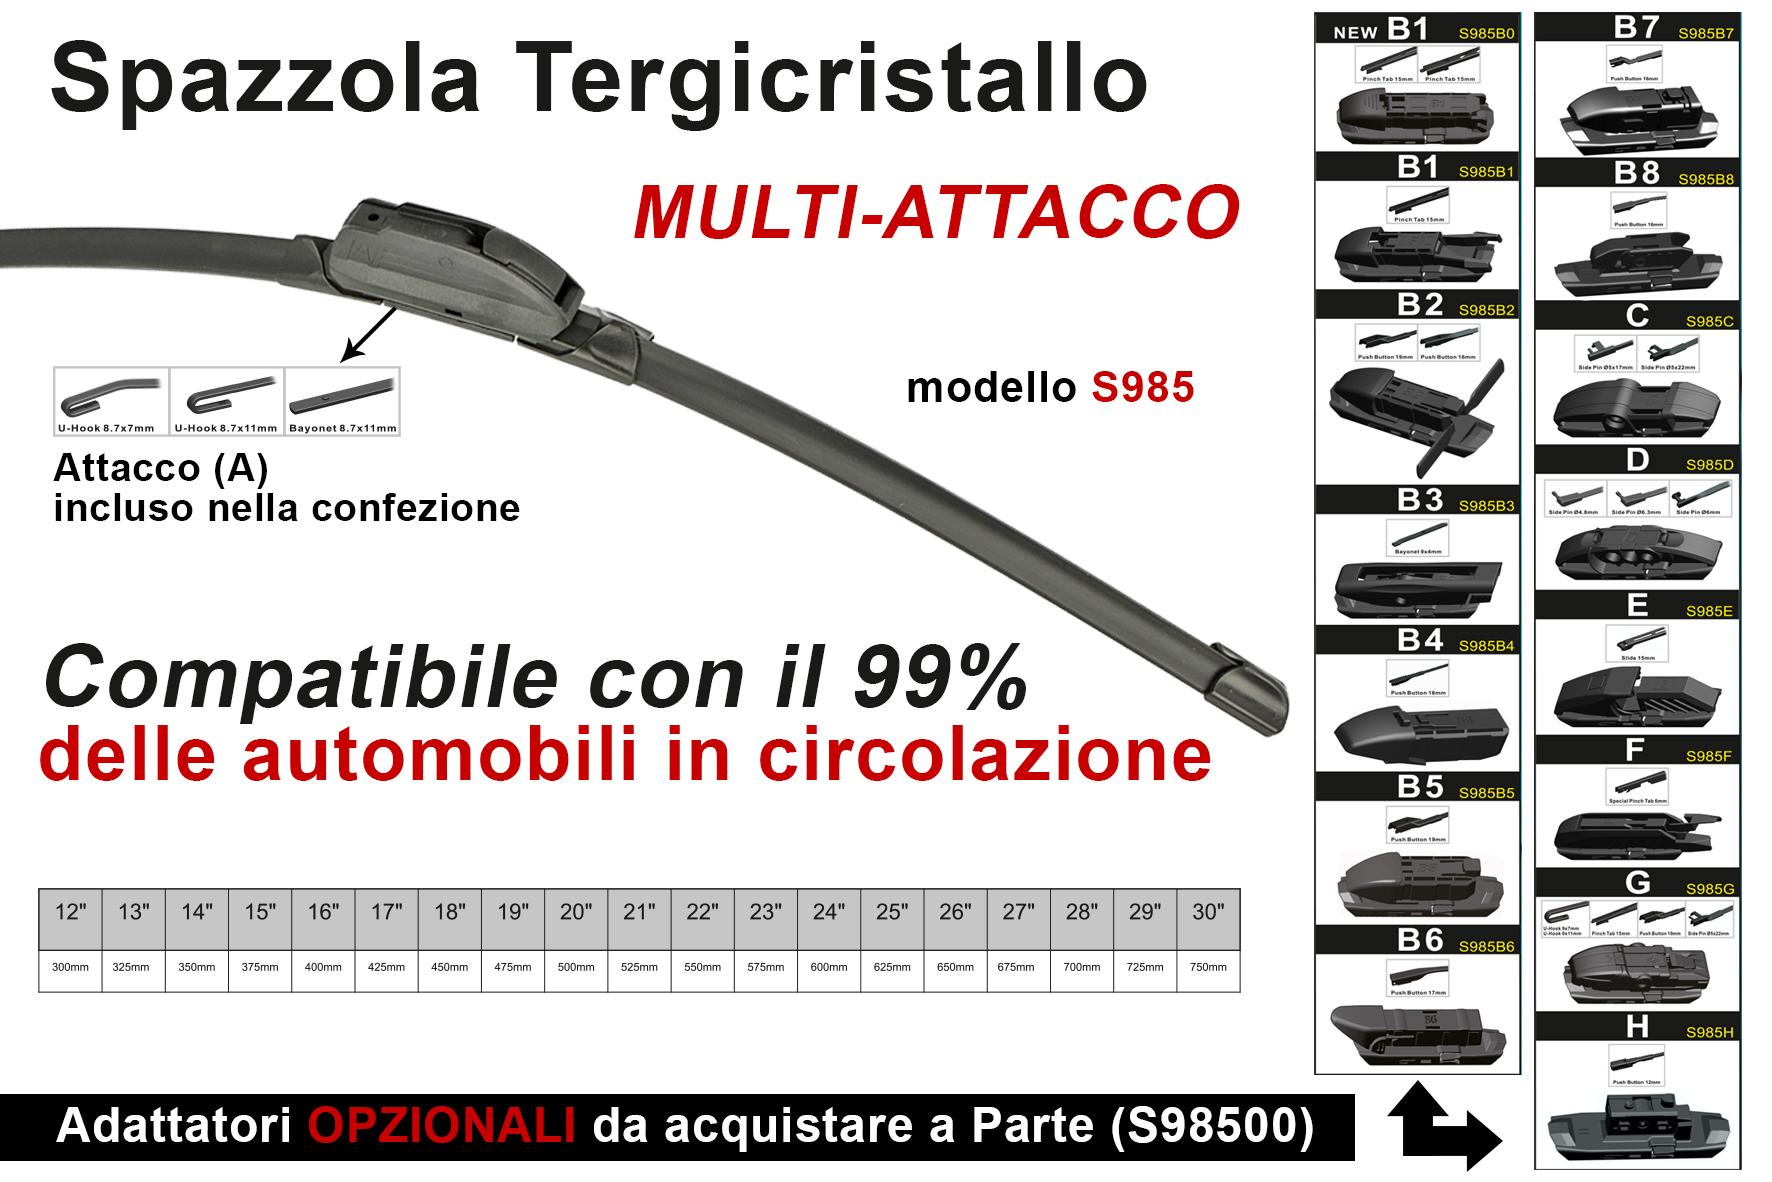 Spazzola Tergicristallo Auto Universale S985 16`` 400mm Carall 16 Attacchi Opzionale - PZ